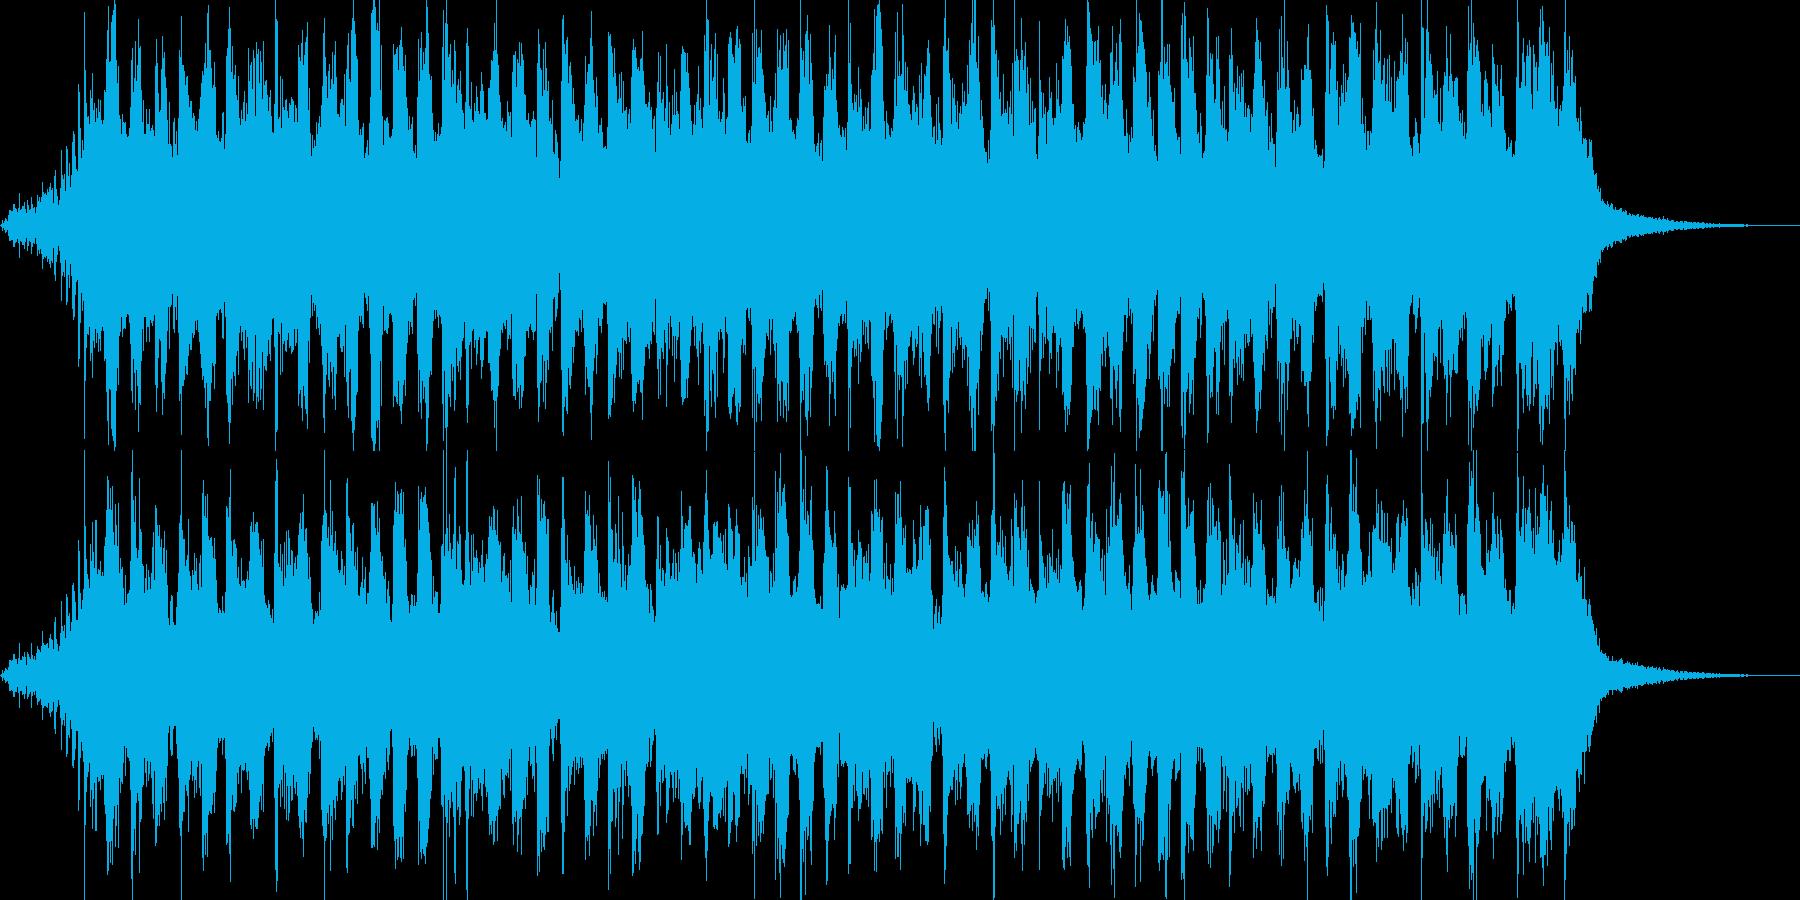 8ビットRPGフィナーレのんの再生済みの波形